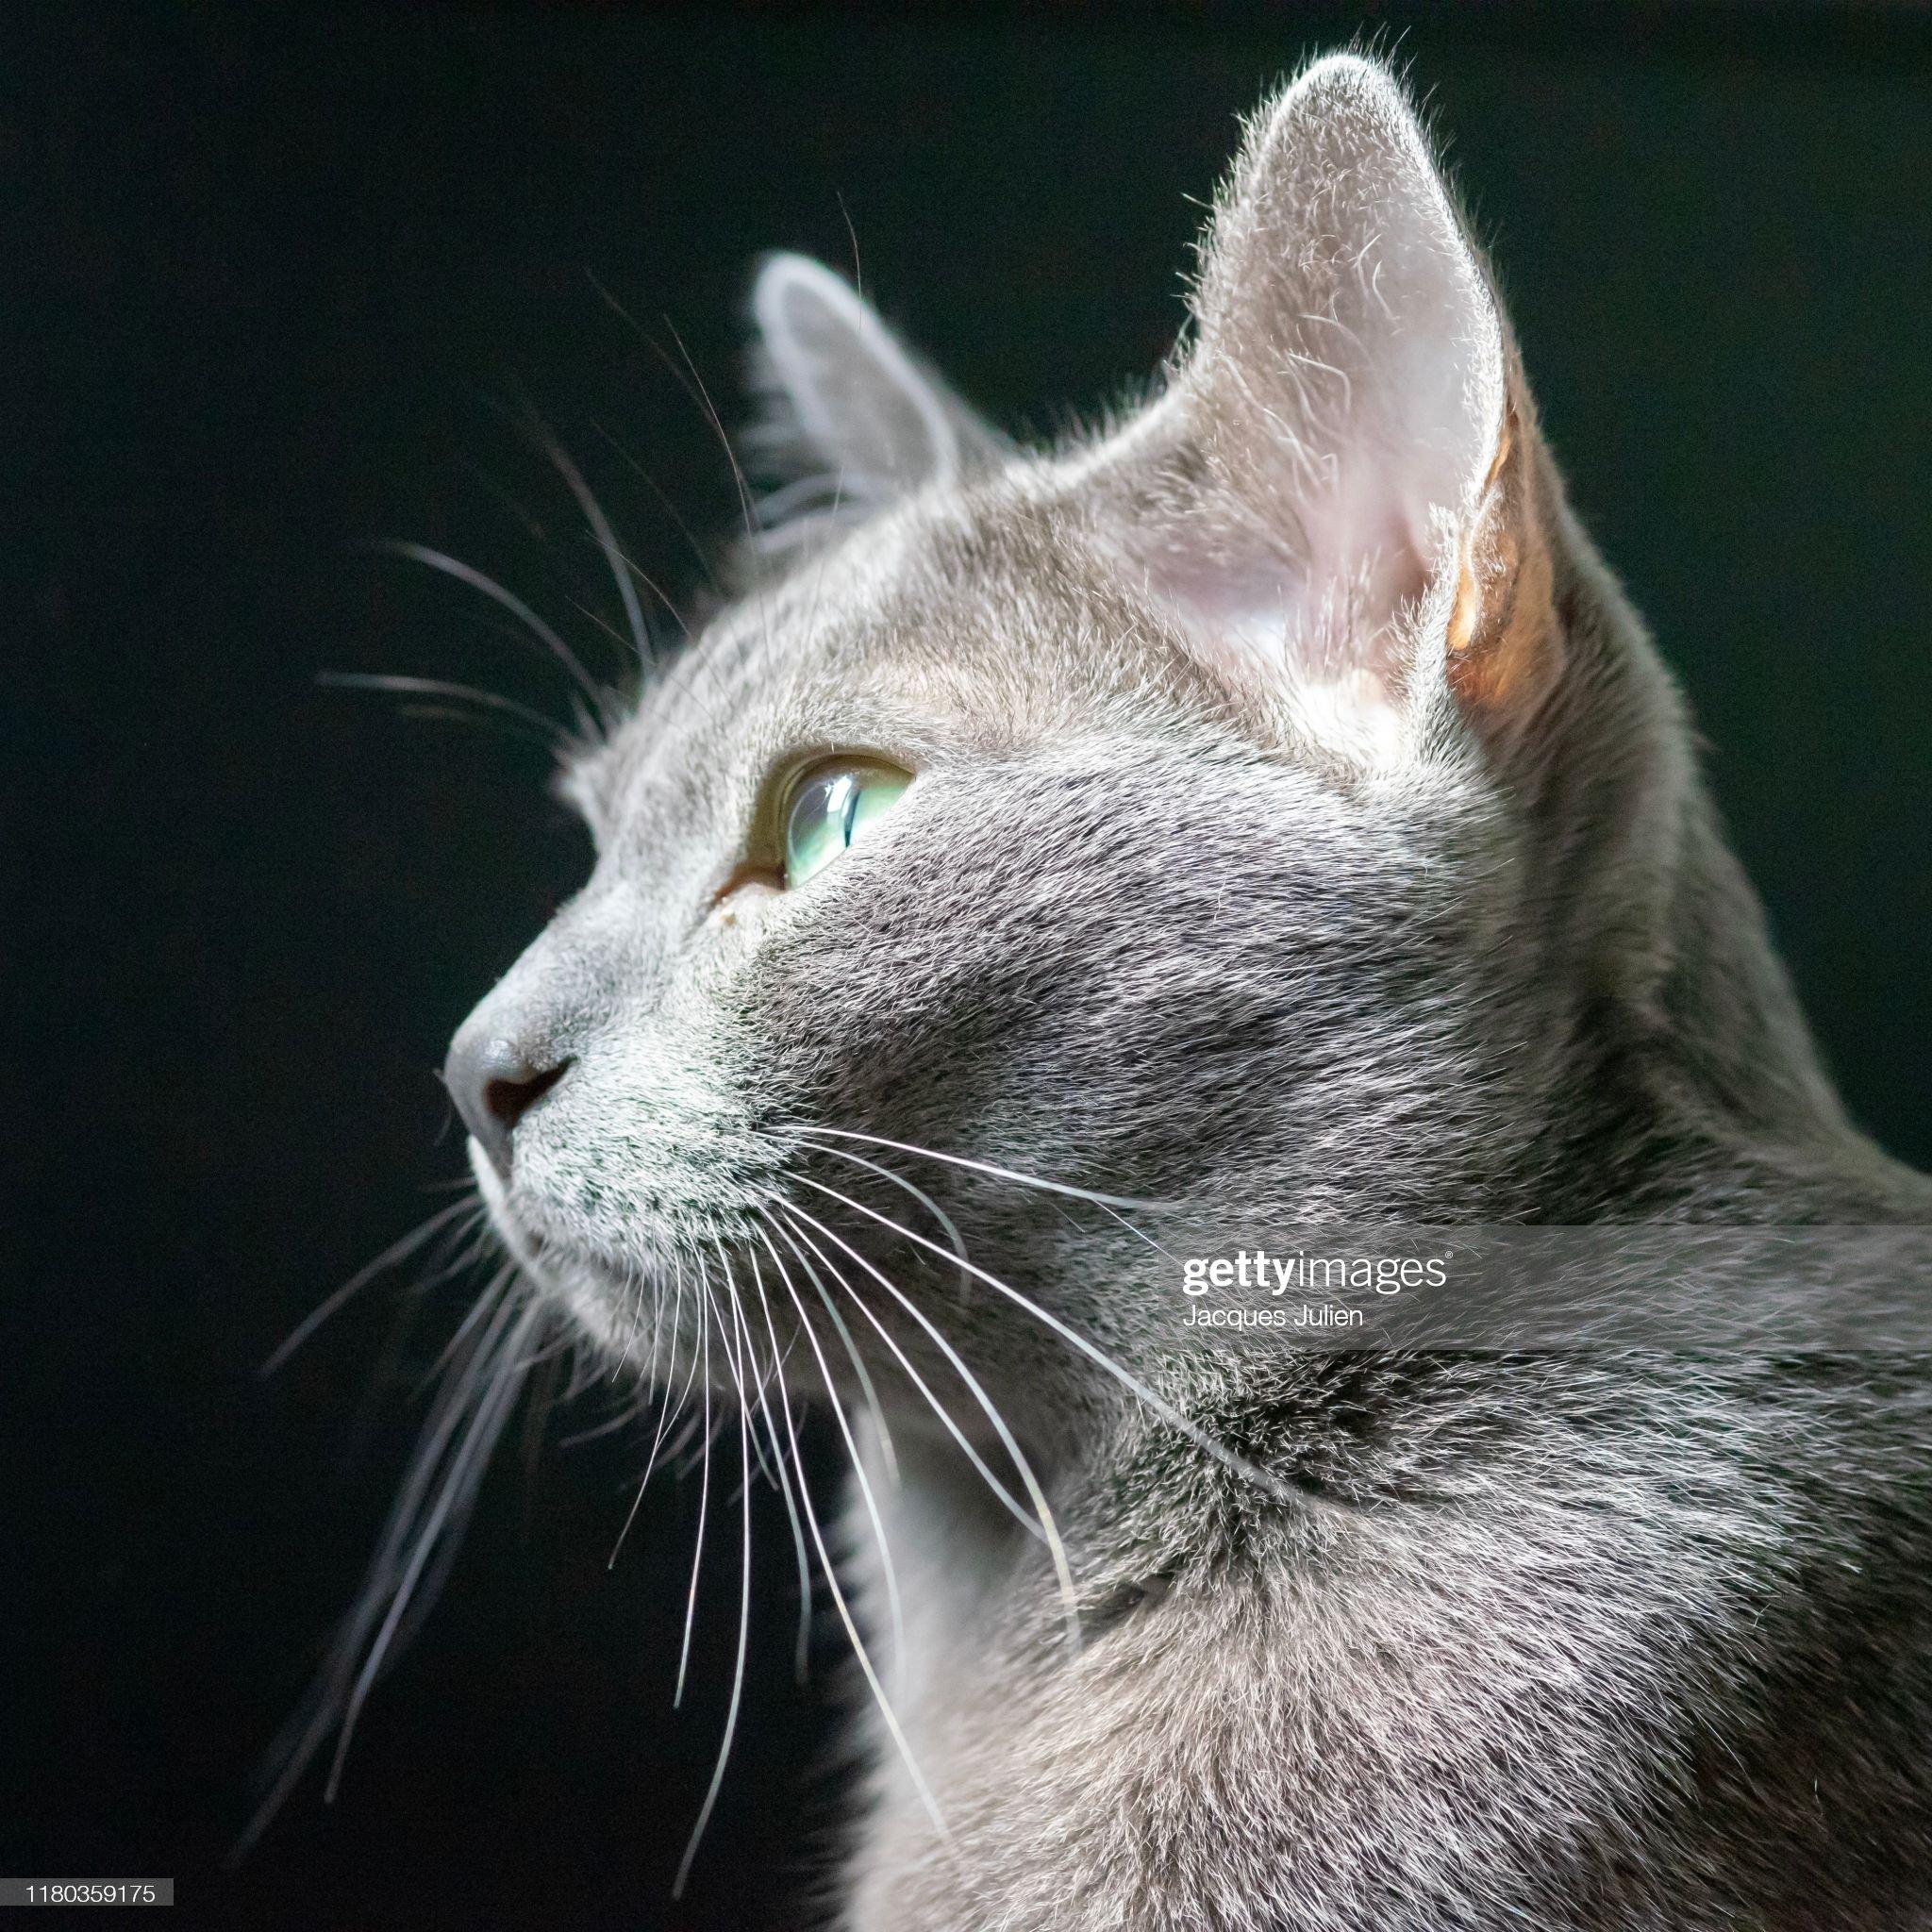 Korat cat portrait : Photo